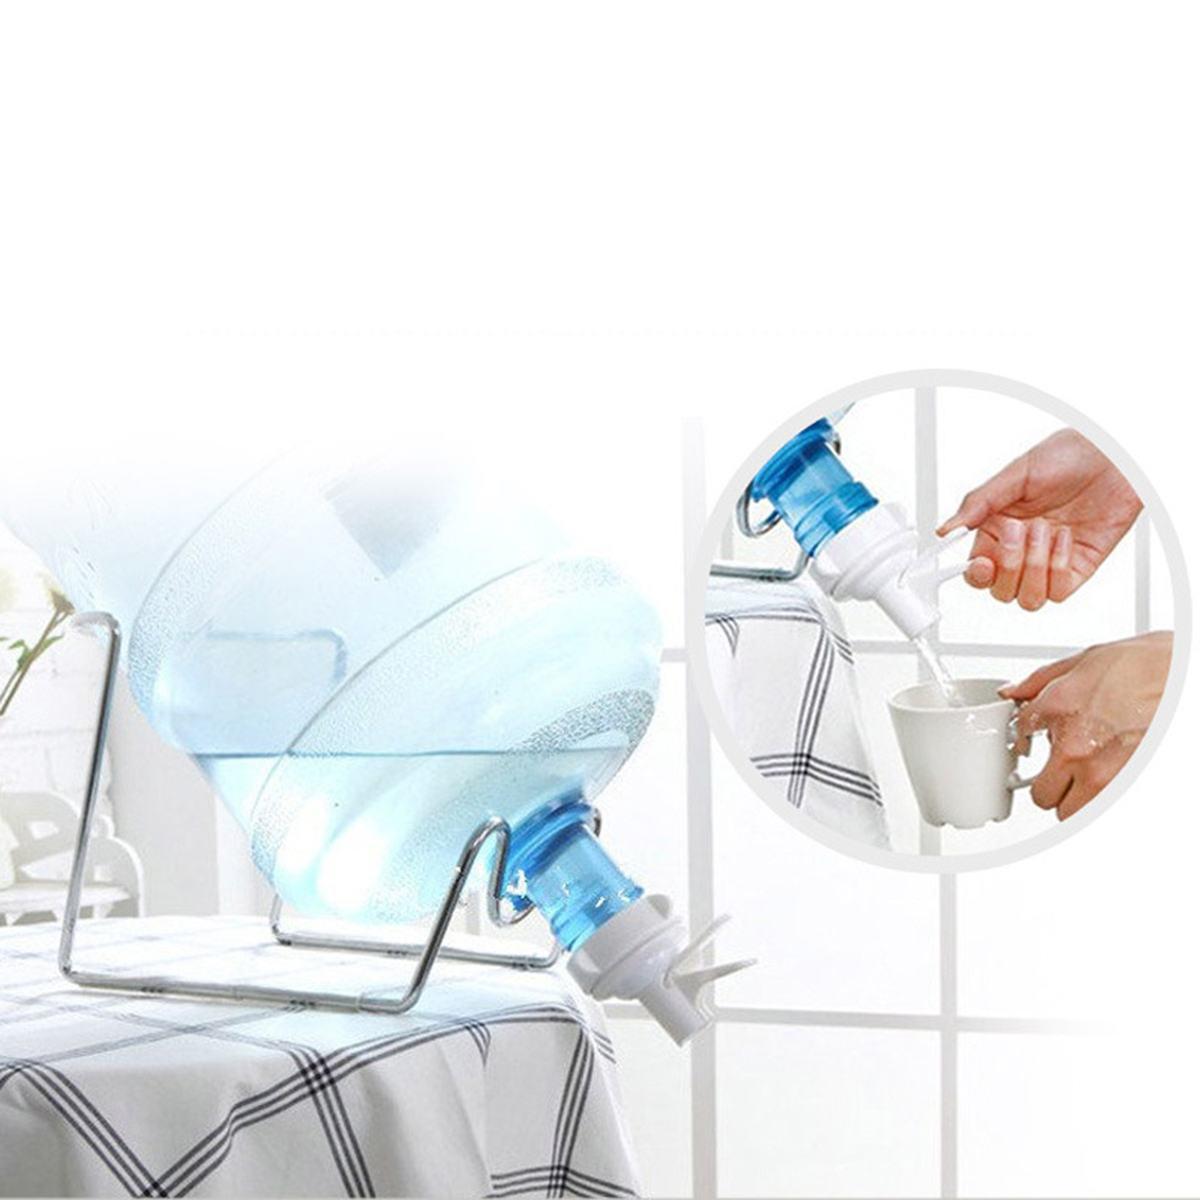 المحمولة 3-5 جالون إبريق ماء الوقوف مع الشرب زجاجة صمام موزع مياه أجزاء الصمام ل 55 مللي متر الخروج حنفية صمام